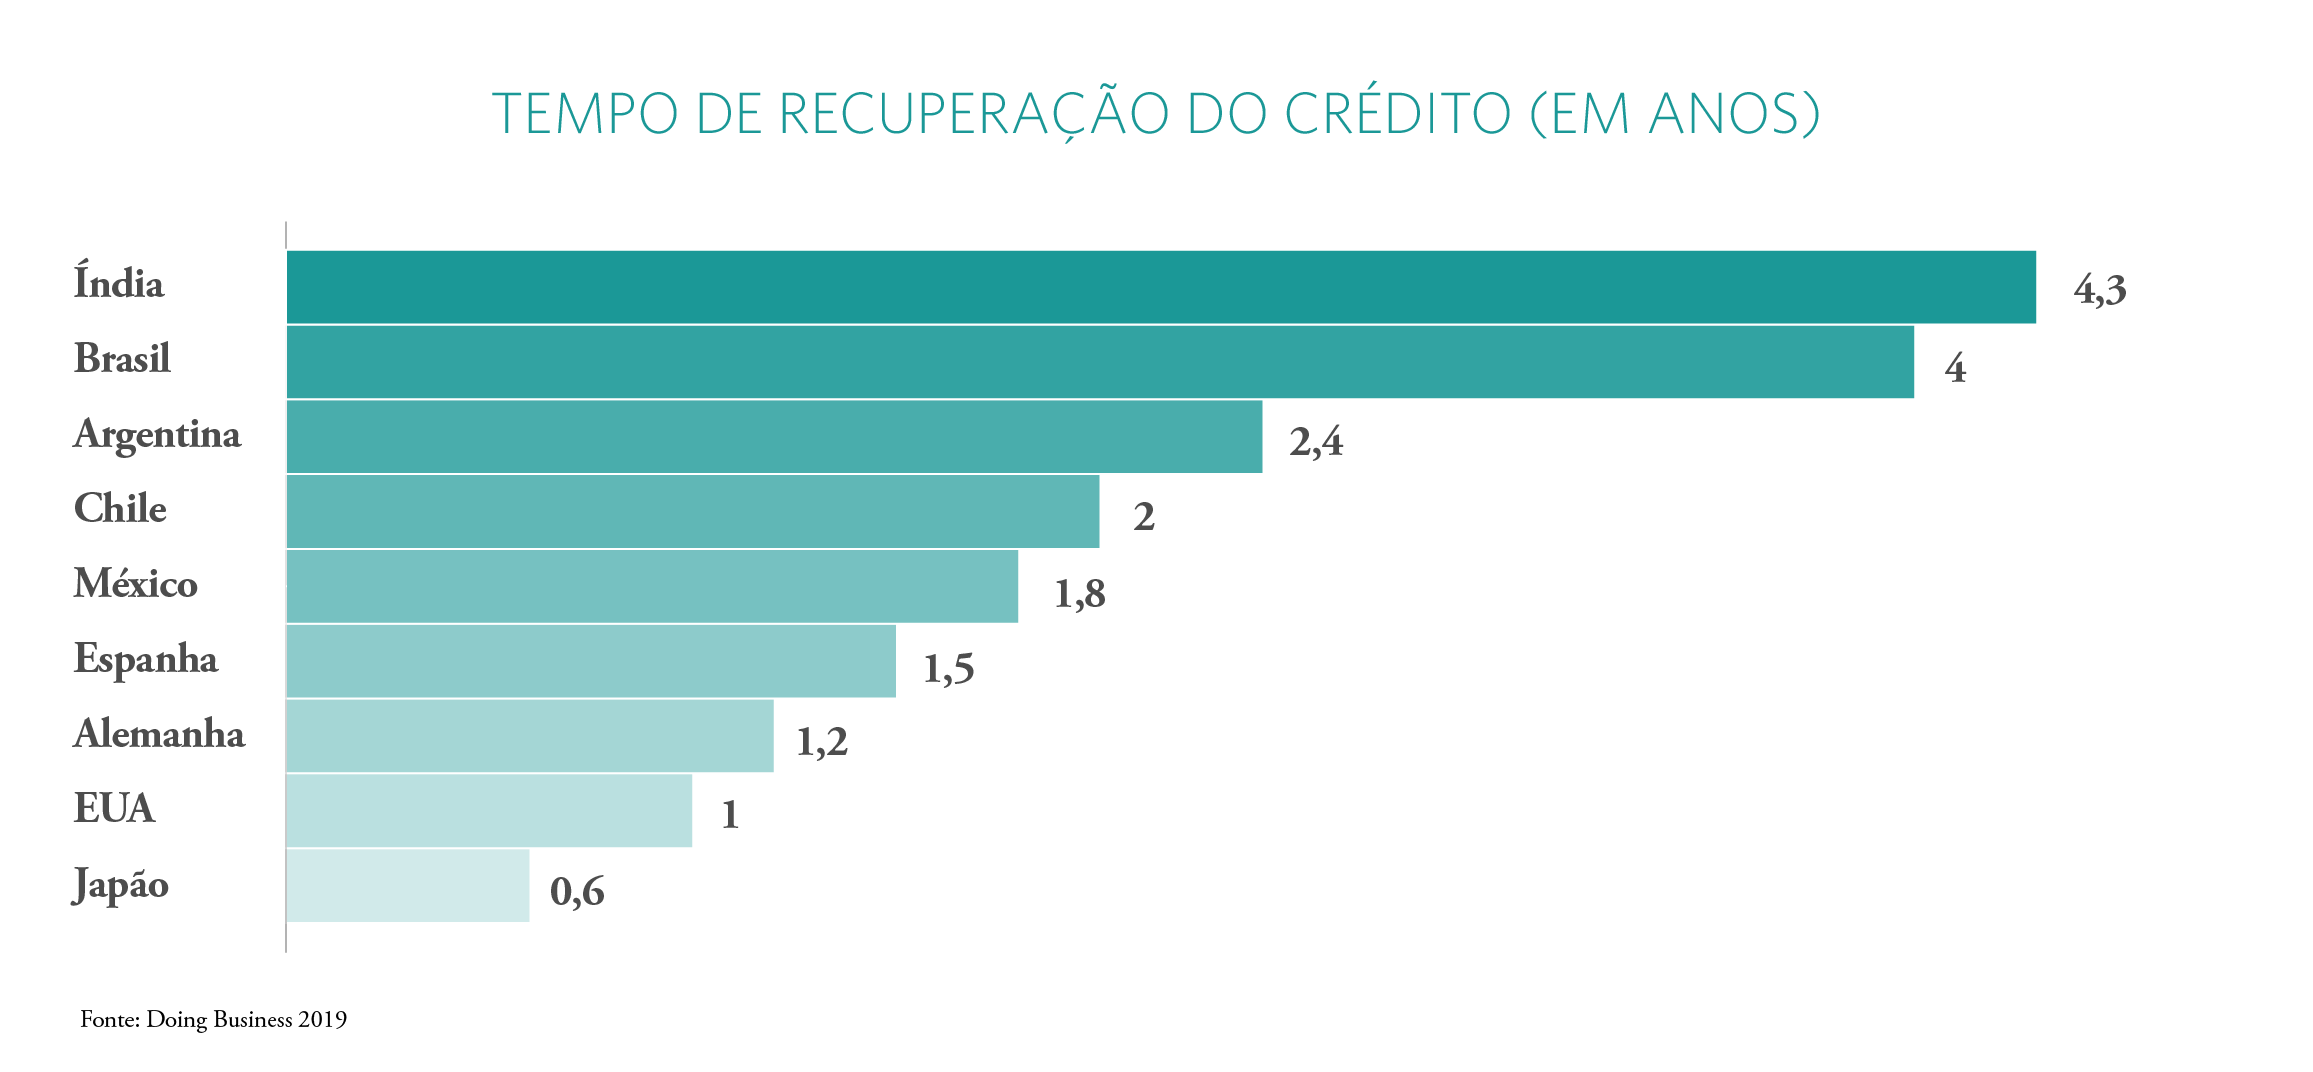 Acesso-a-Cr%C3%A9dito-no-Brasil-capital-existe-s%C3%B3-%C3%A9-dif%C3%ADcil-captar-1